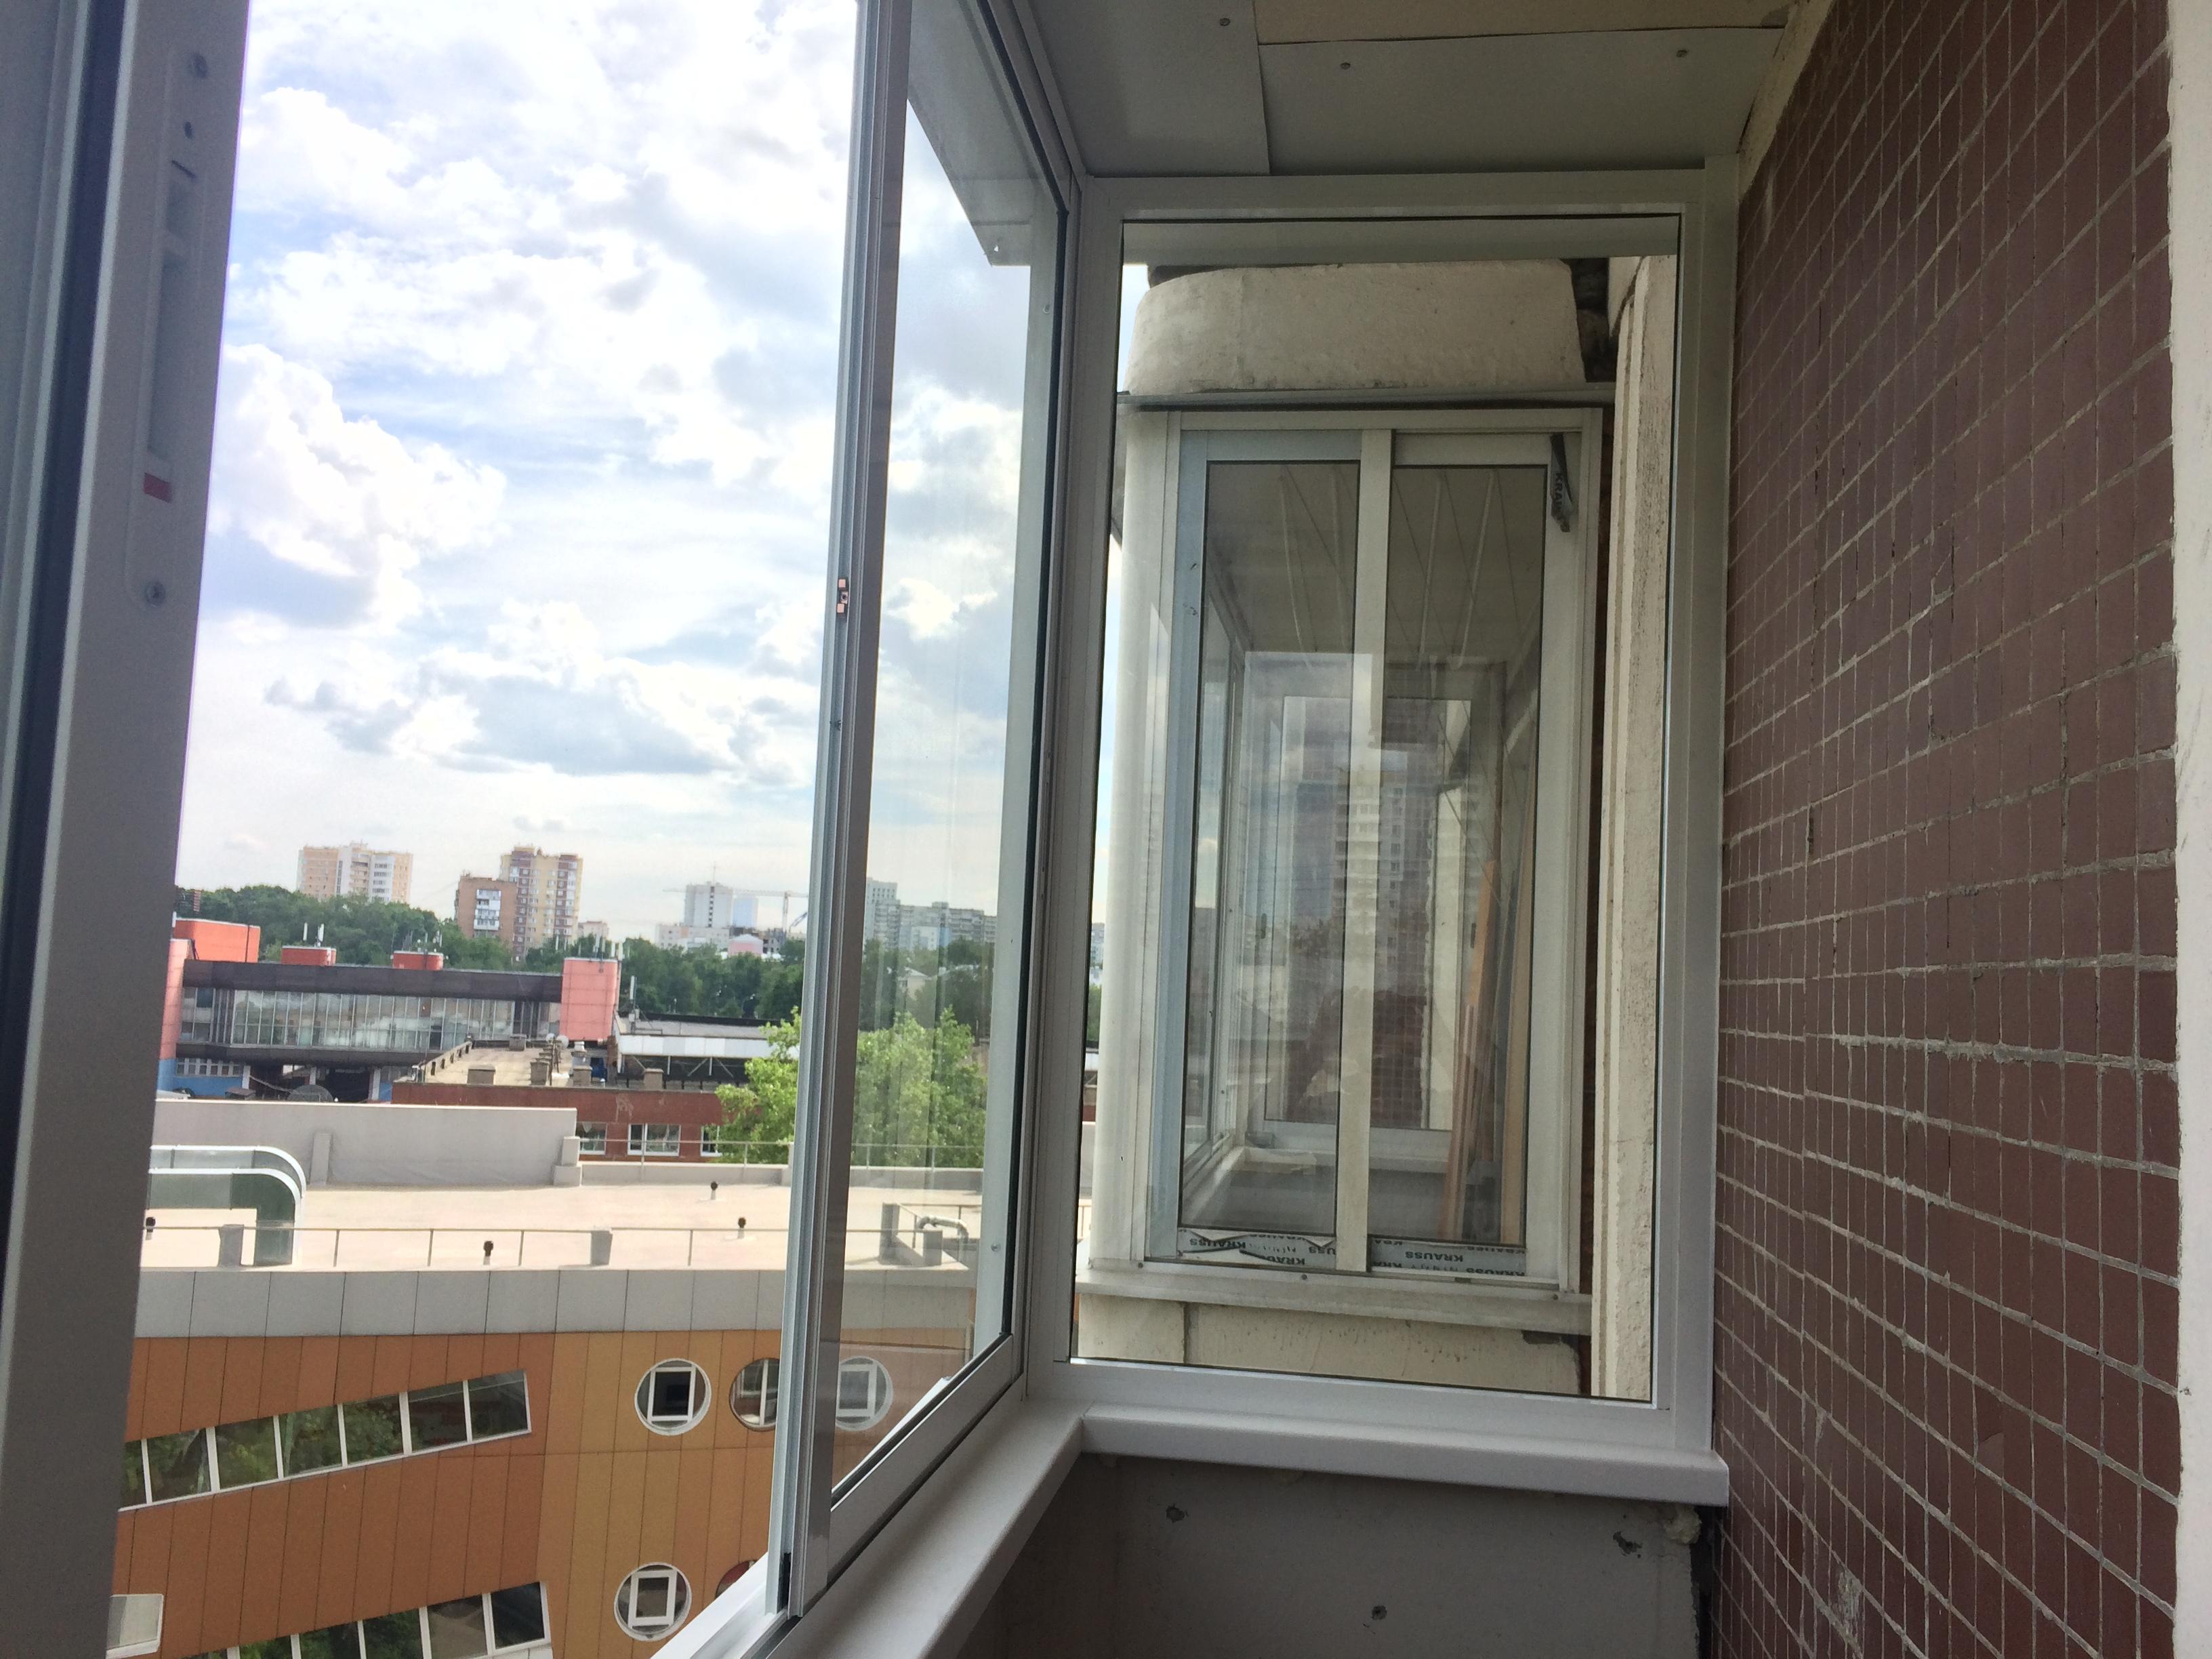 Сколько будет стоить заменить остекление на балконе 3,5 метр.